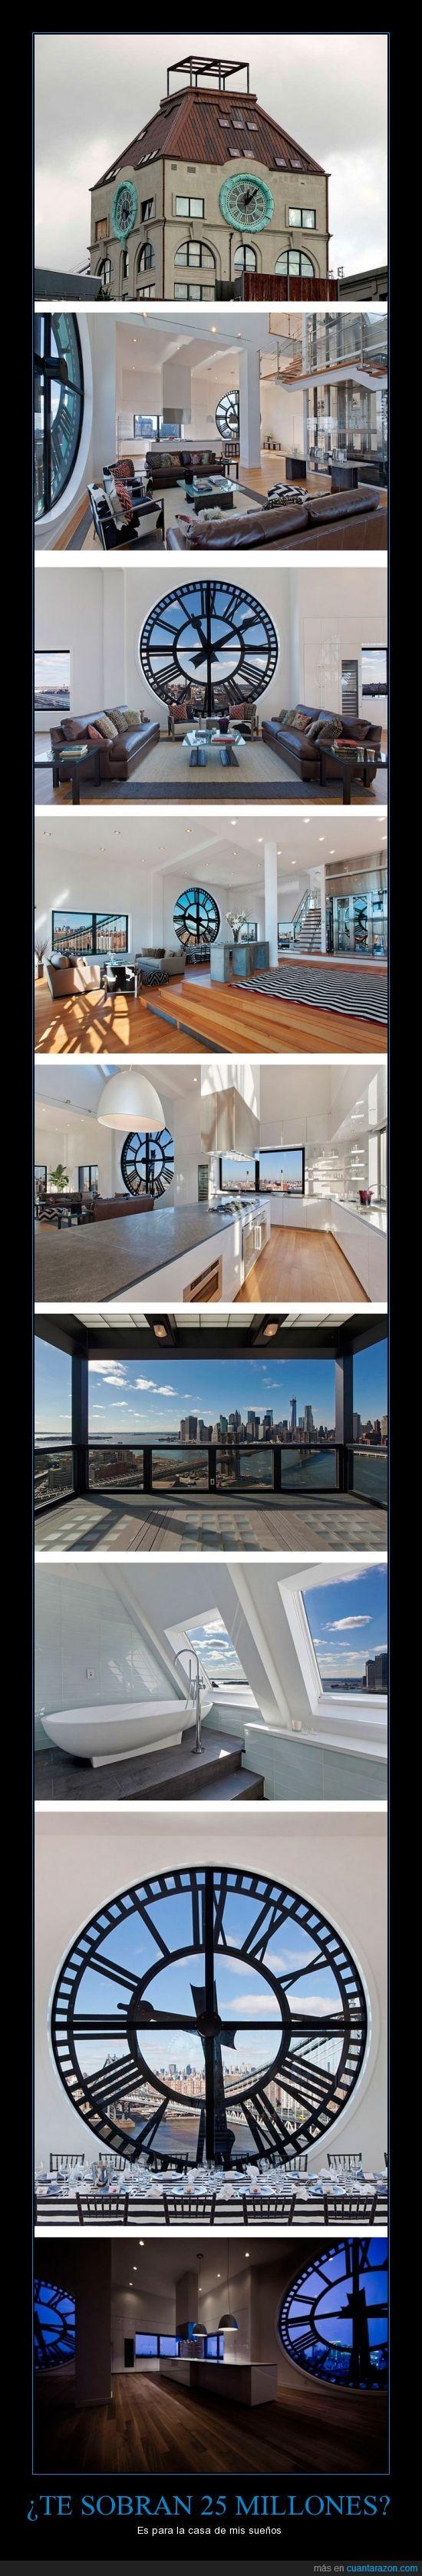 Andy Roddick,brooklyn,brutal,casa del reloj,dumbo,nueva york,nyc,puente de brooklyn